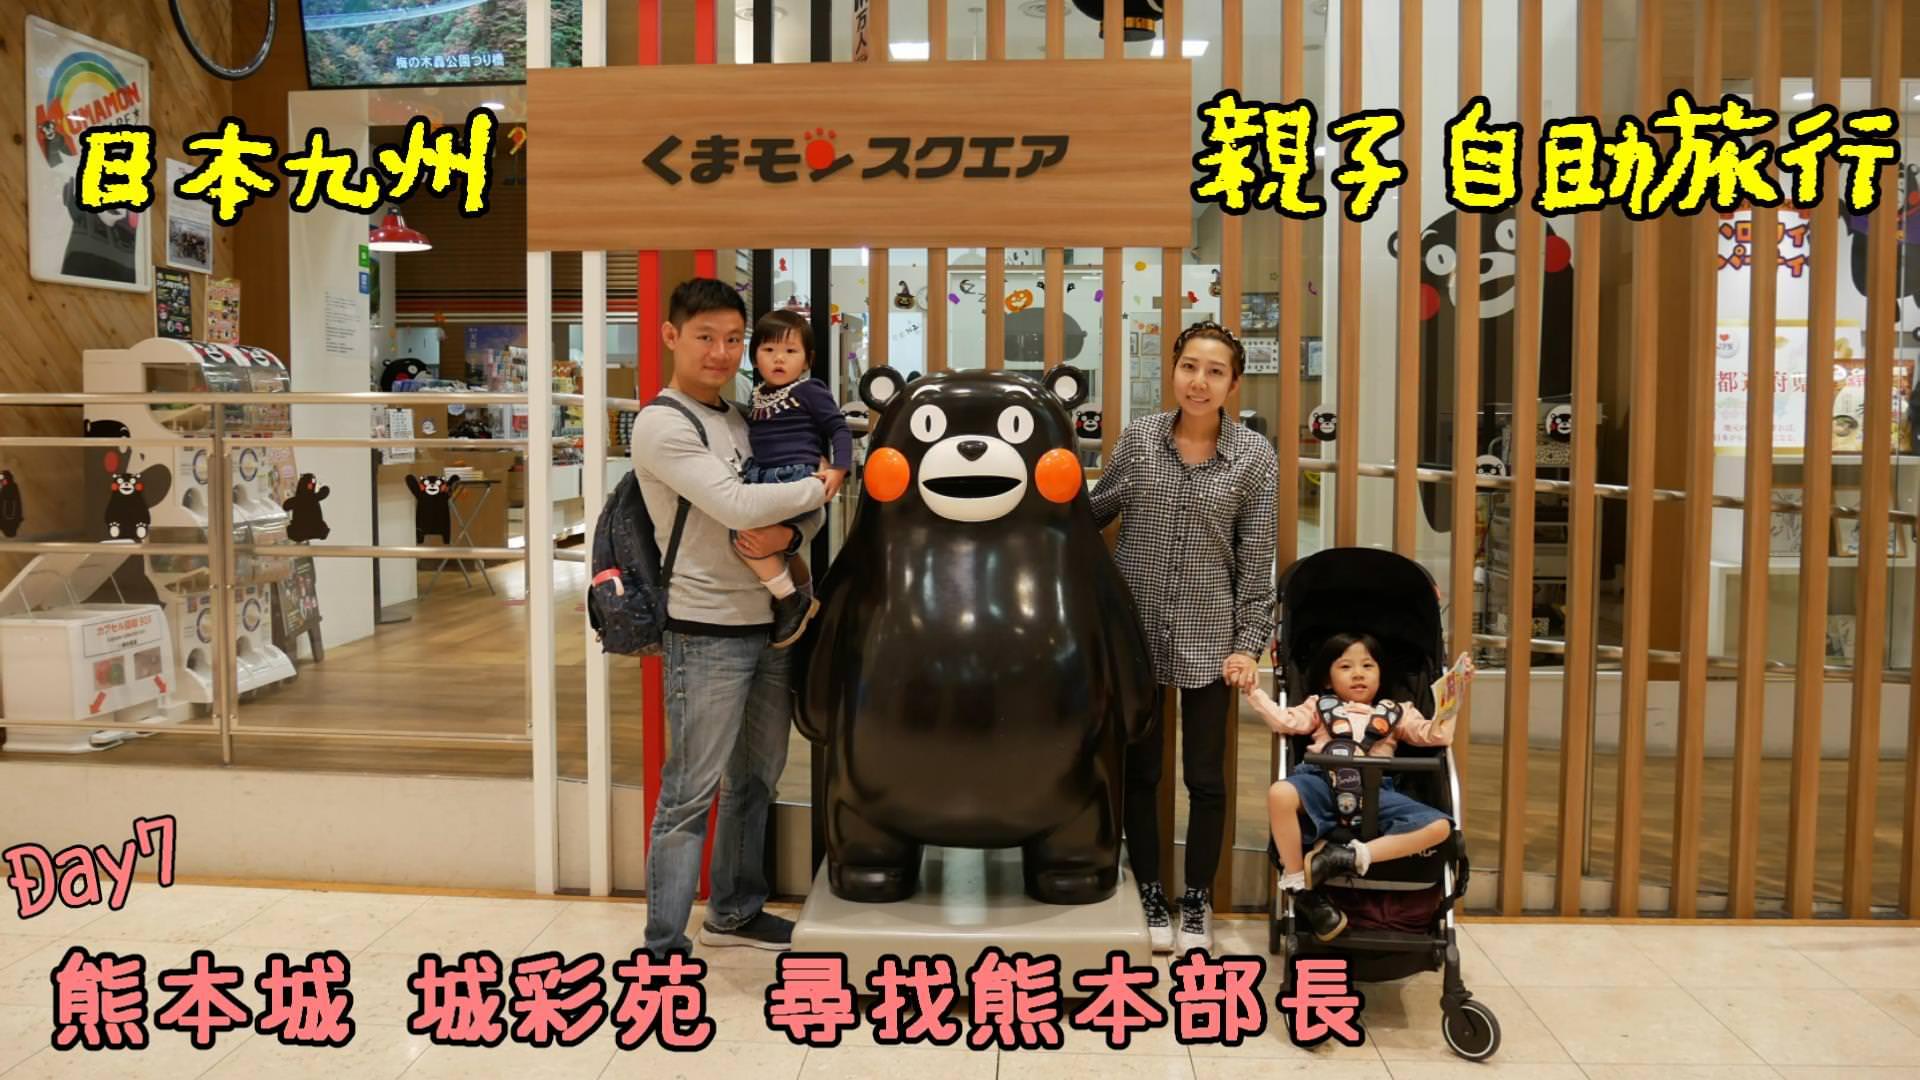 [行程]九州自由行 修復中的熊本城 櫻之馬場城彩苑 熊本部長辦公室 日本自駕親子旅遊Day7